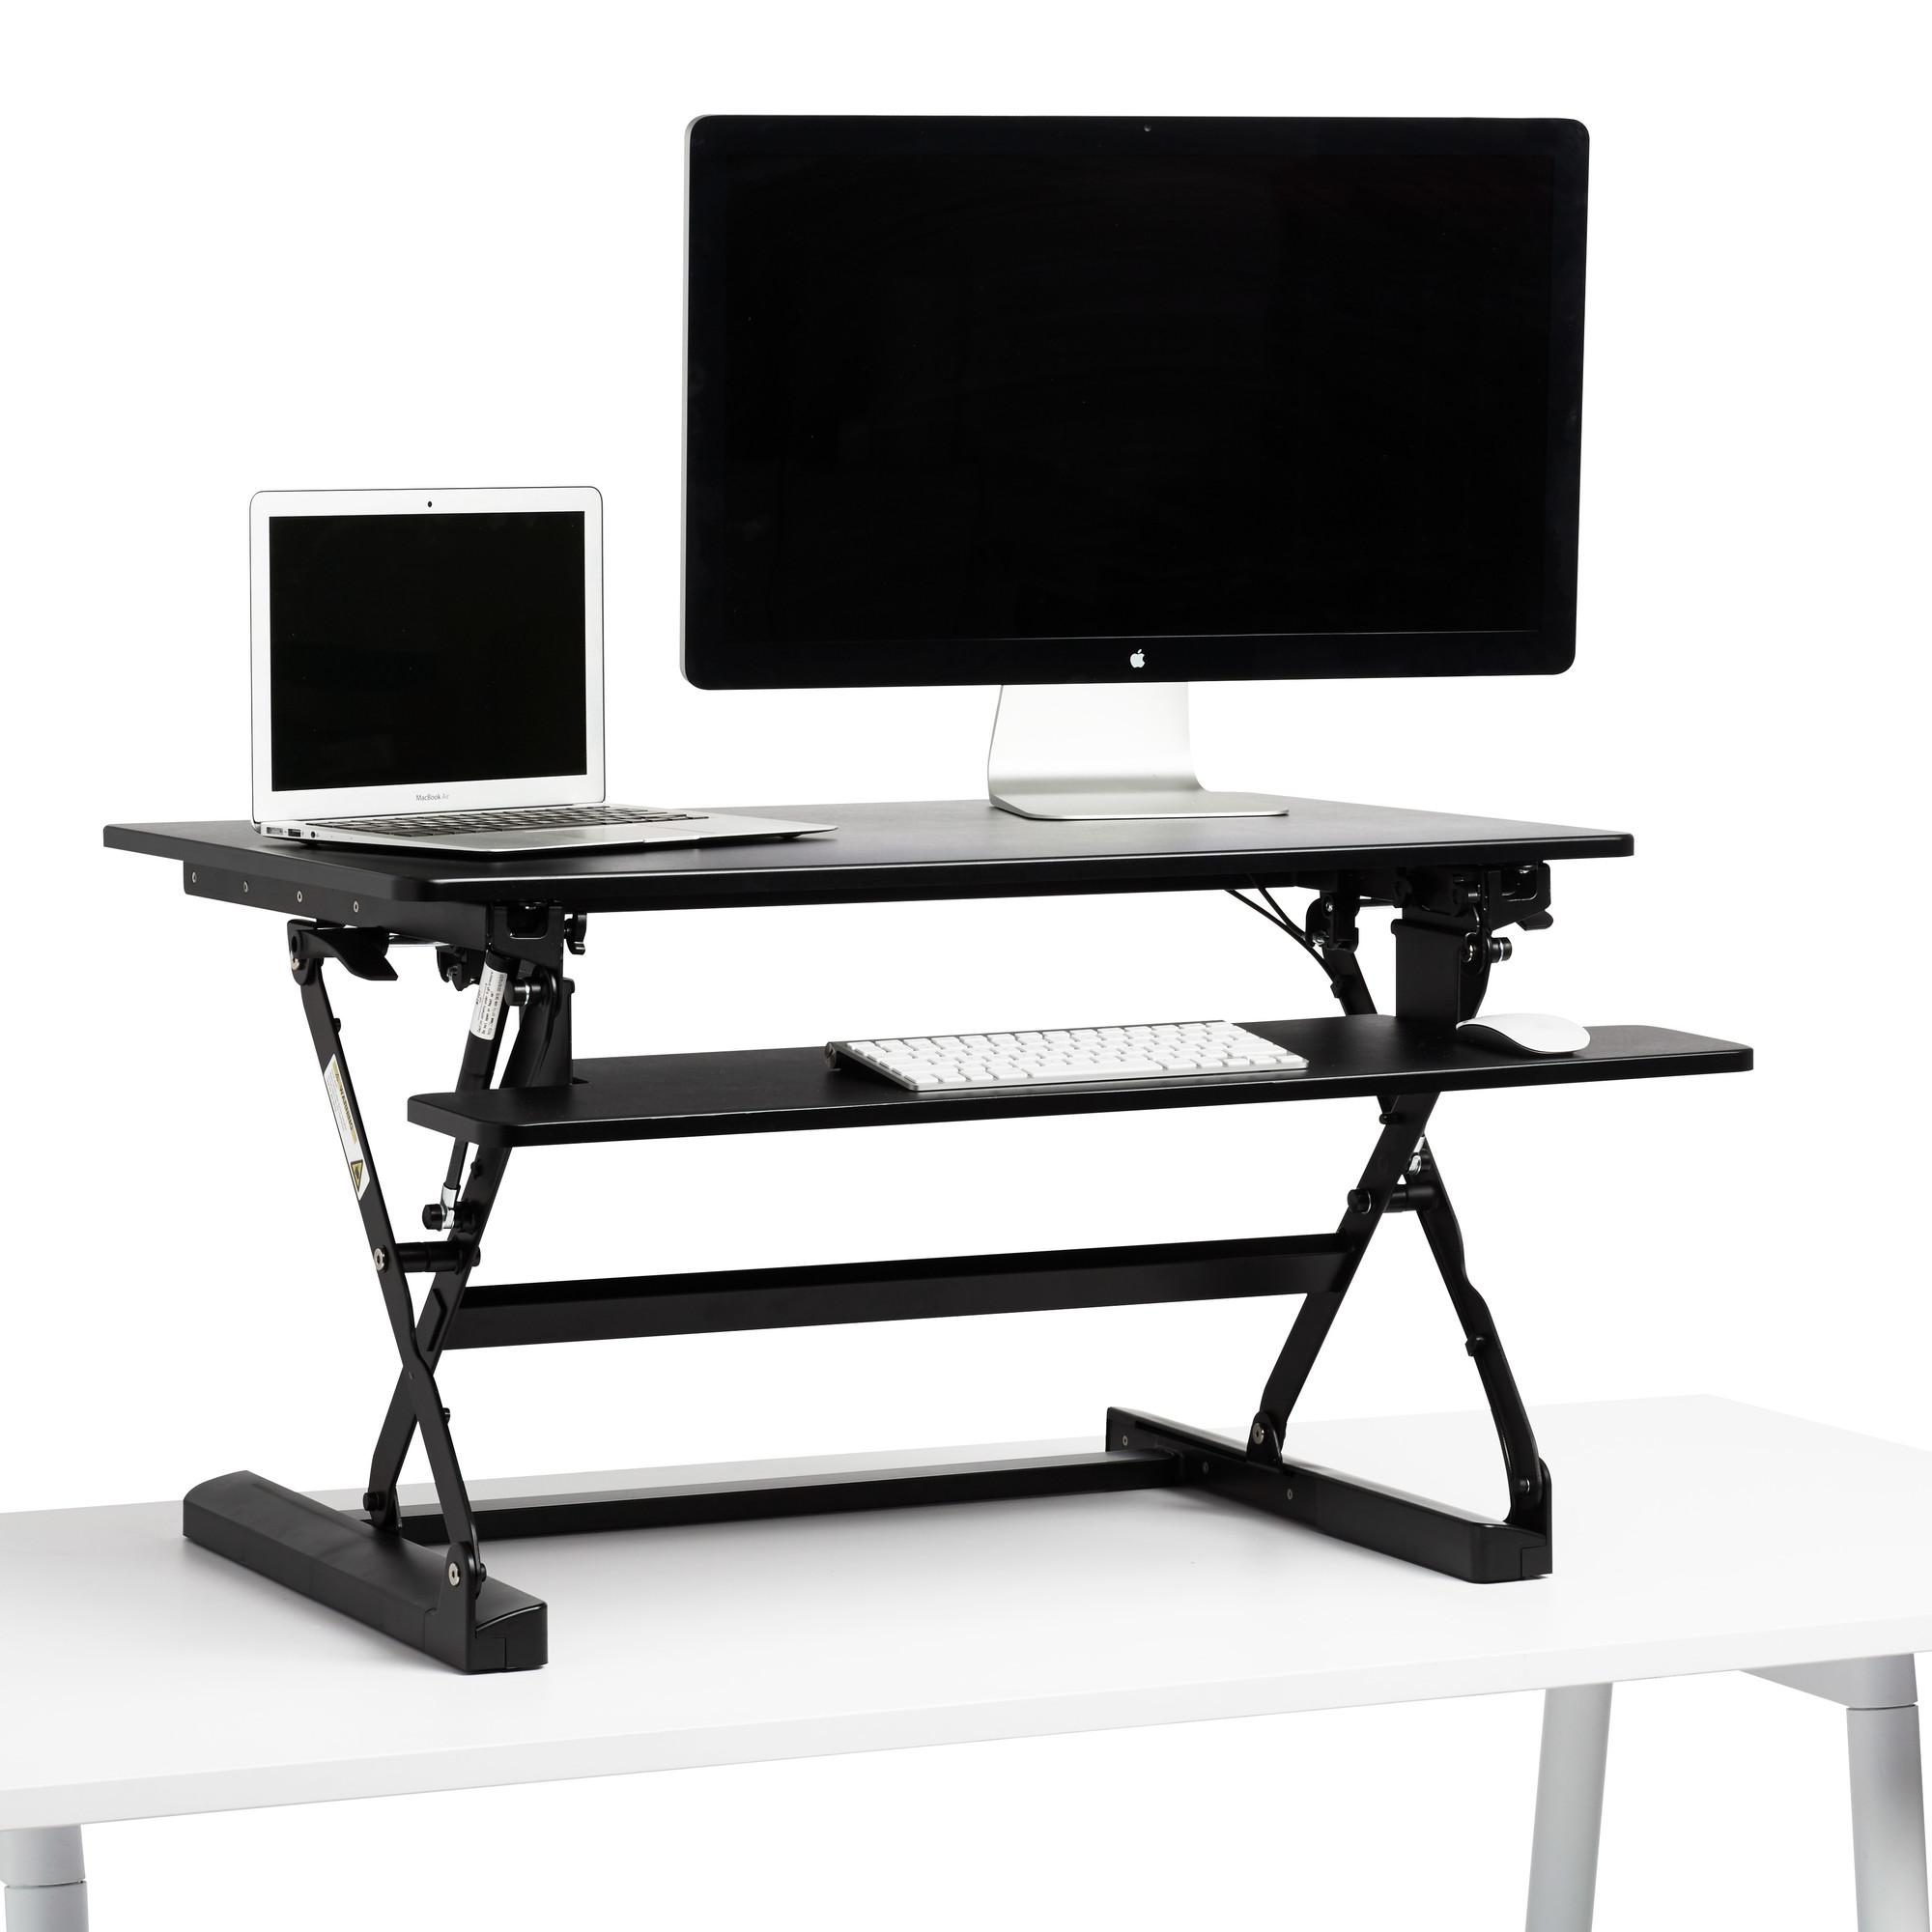 Peak Adjustable Height Standing Desk Riser Adjustable Desks Poppin